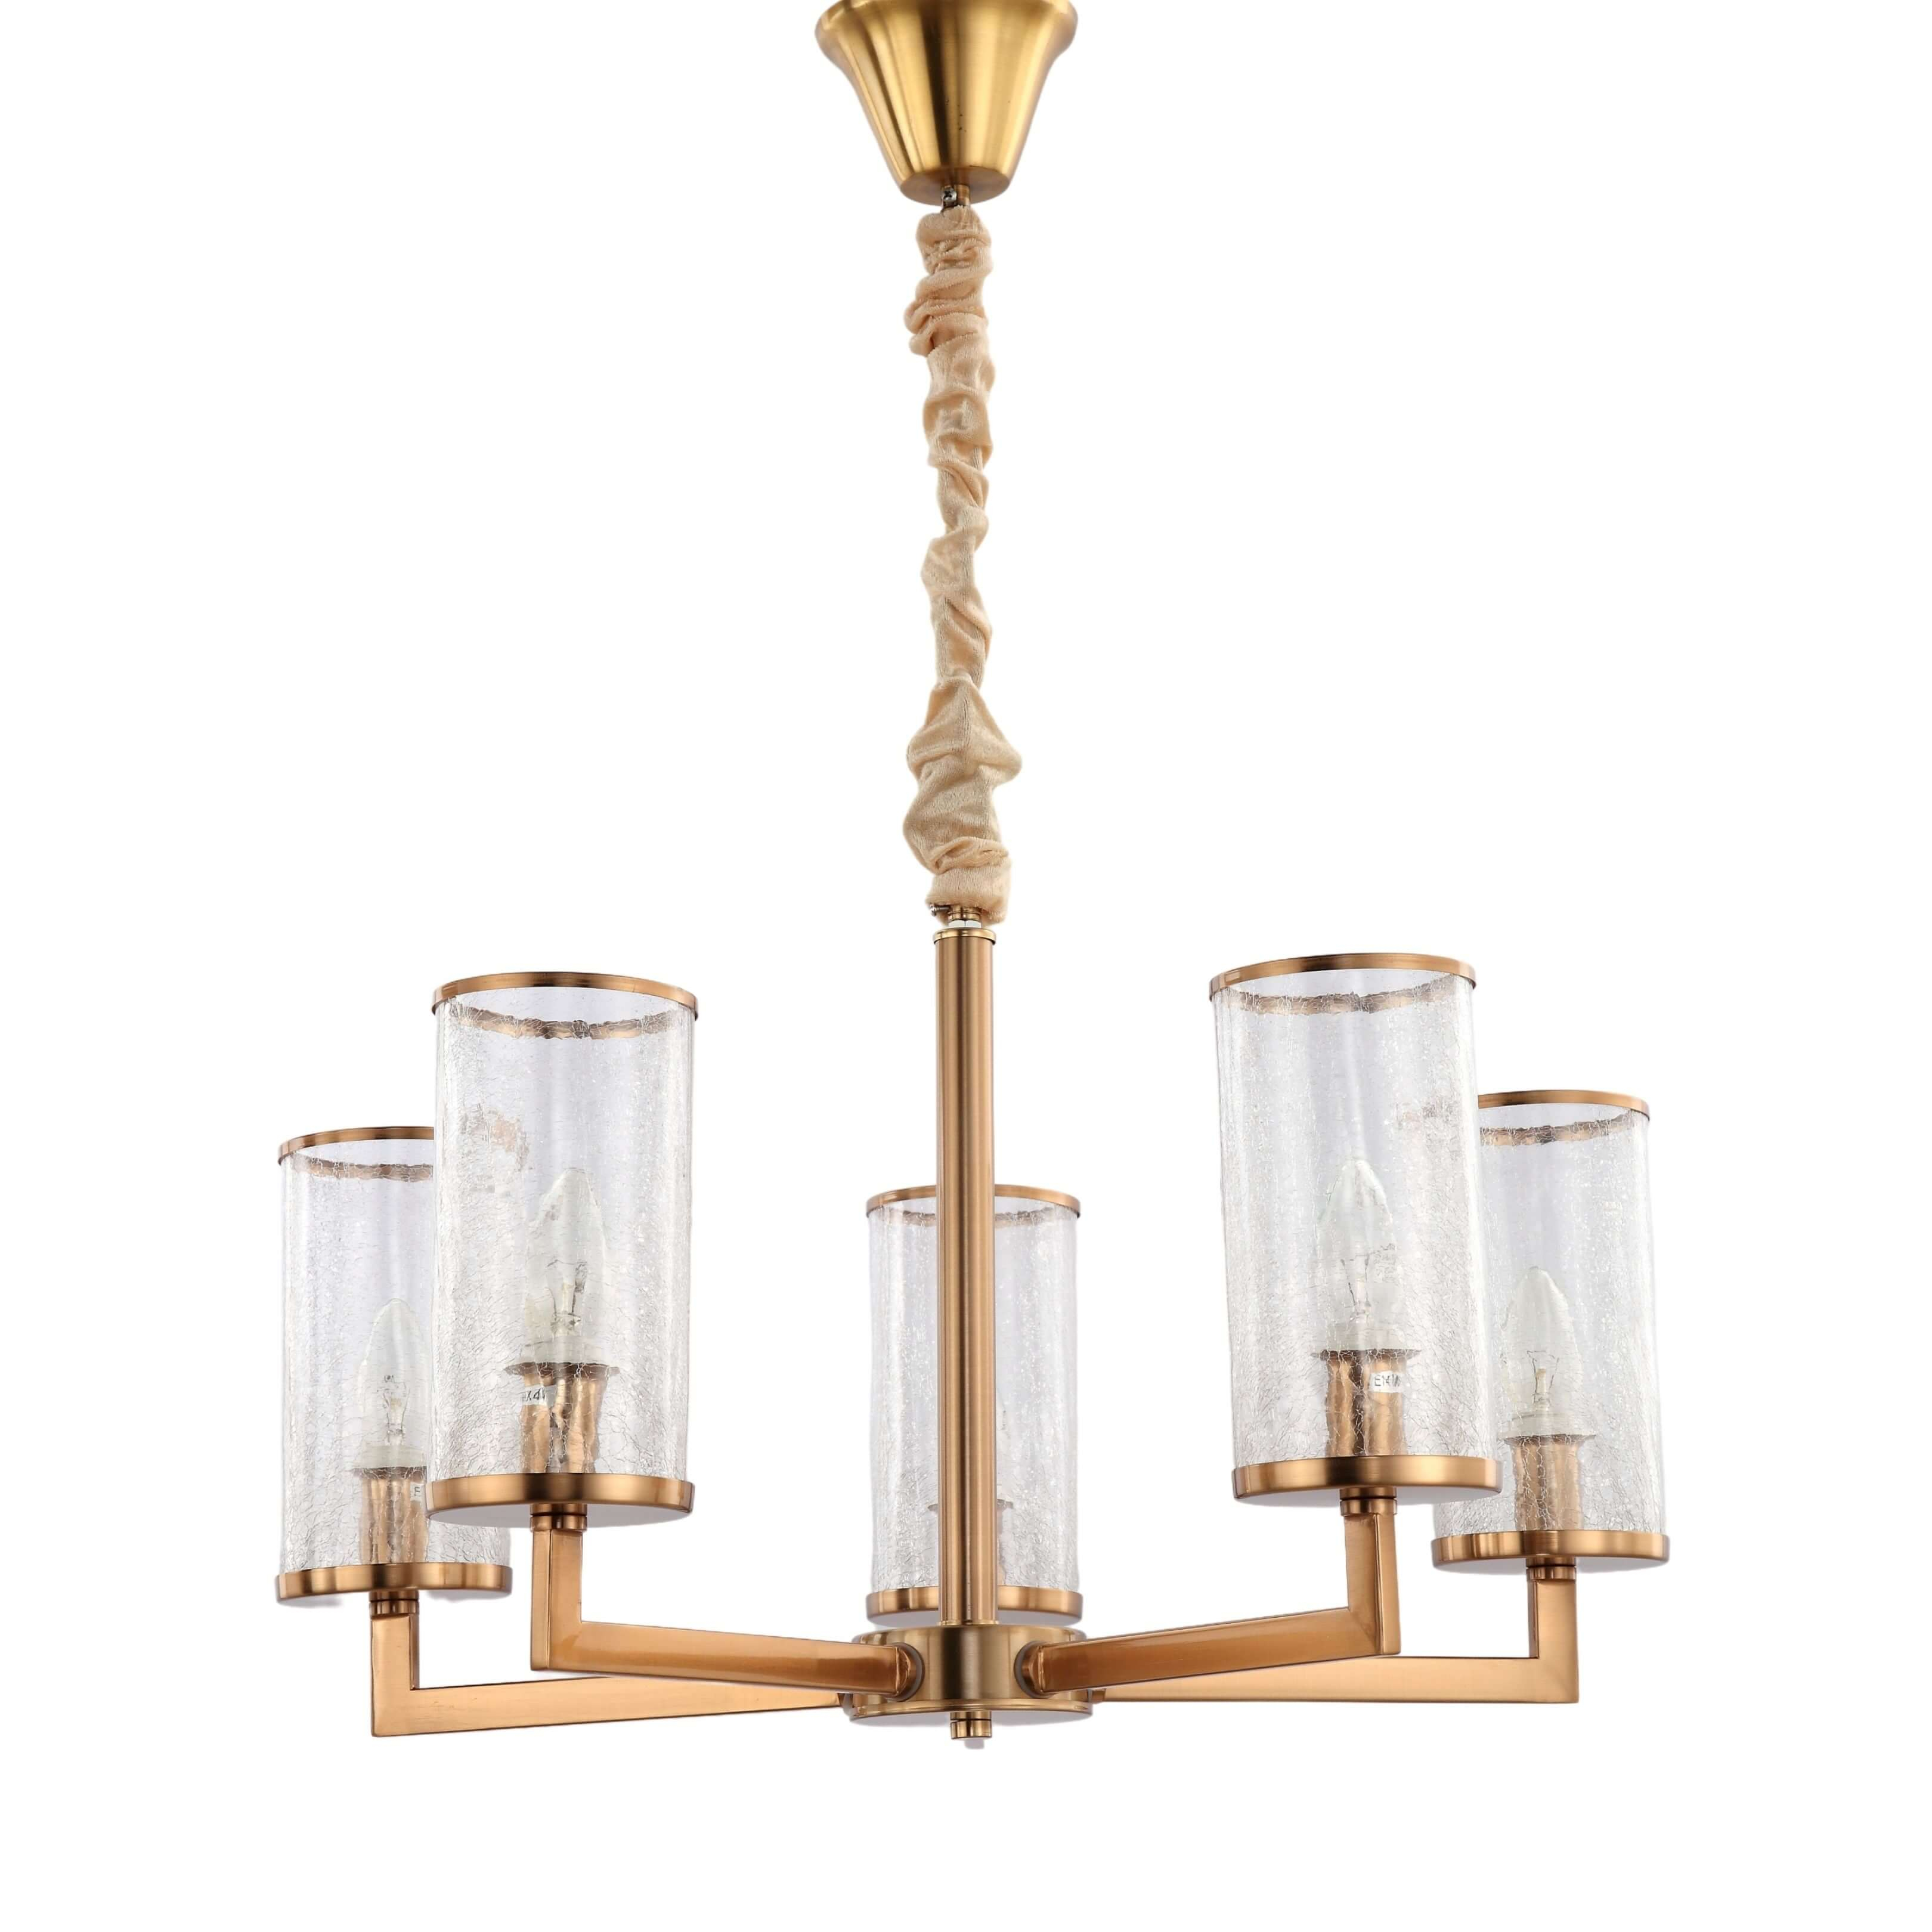 Подвесная люстра Lumina Deco Howard LDP 8040-5 MD, 5xE14x40W, матовое золото, янтарь, металл, стекло - фото 2